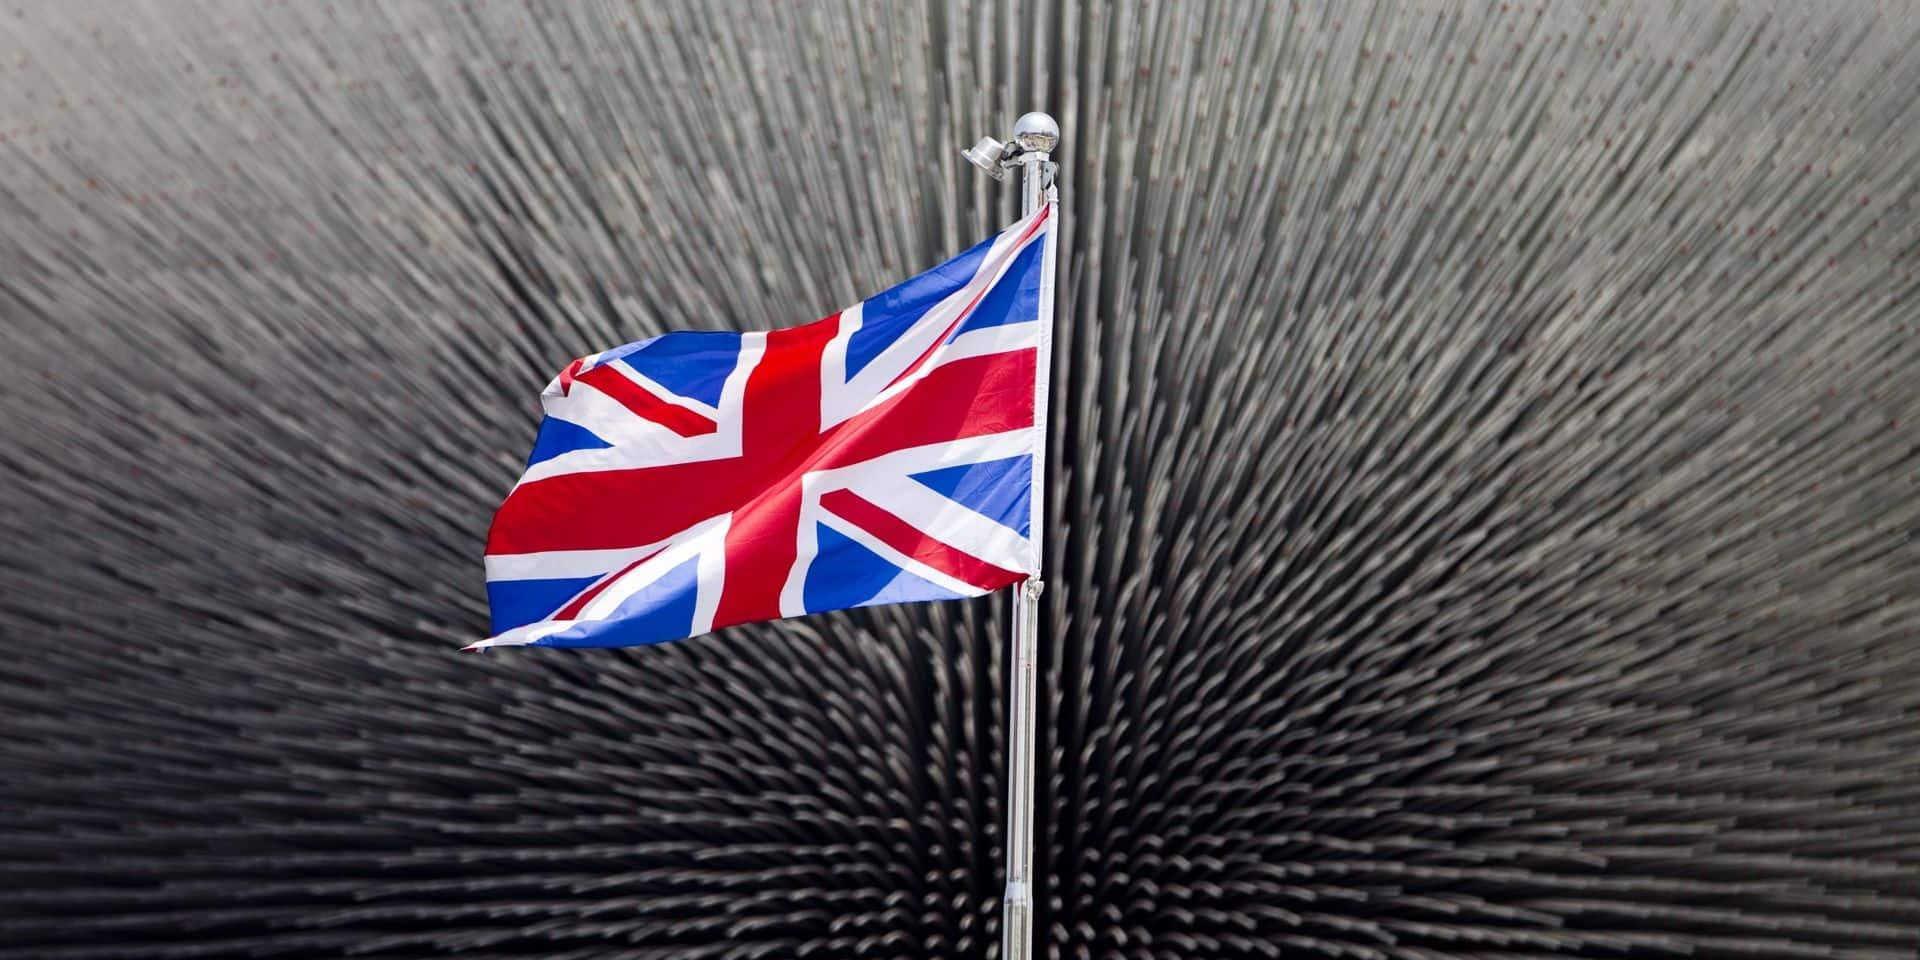 Royaume-Uni: la dette publique dépasse 2.000 milliards de livres pour la première fois